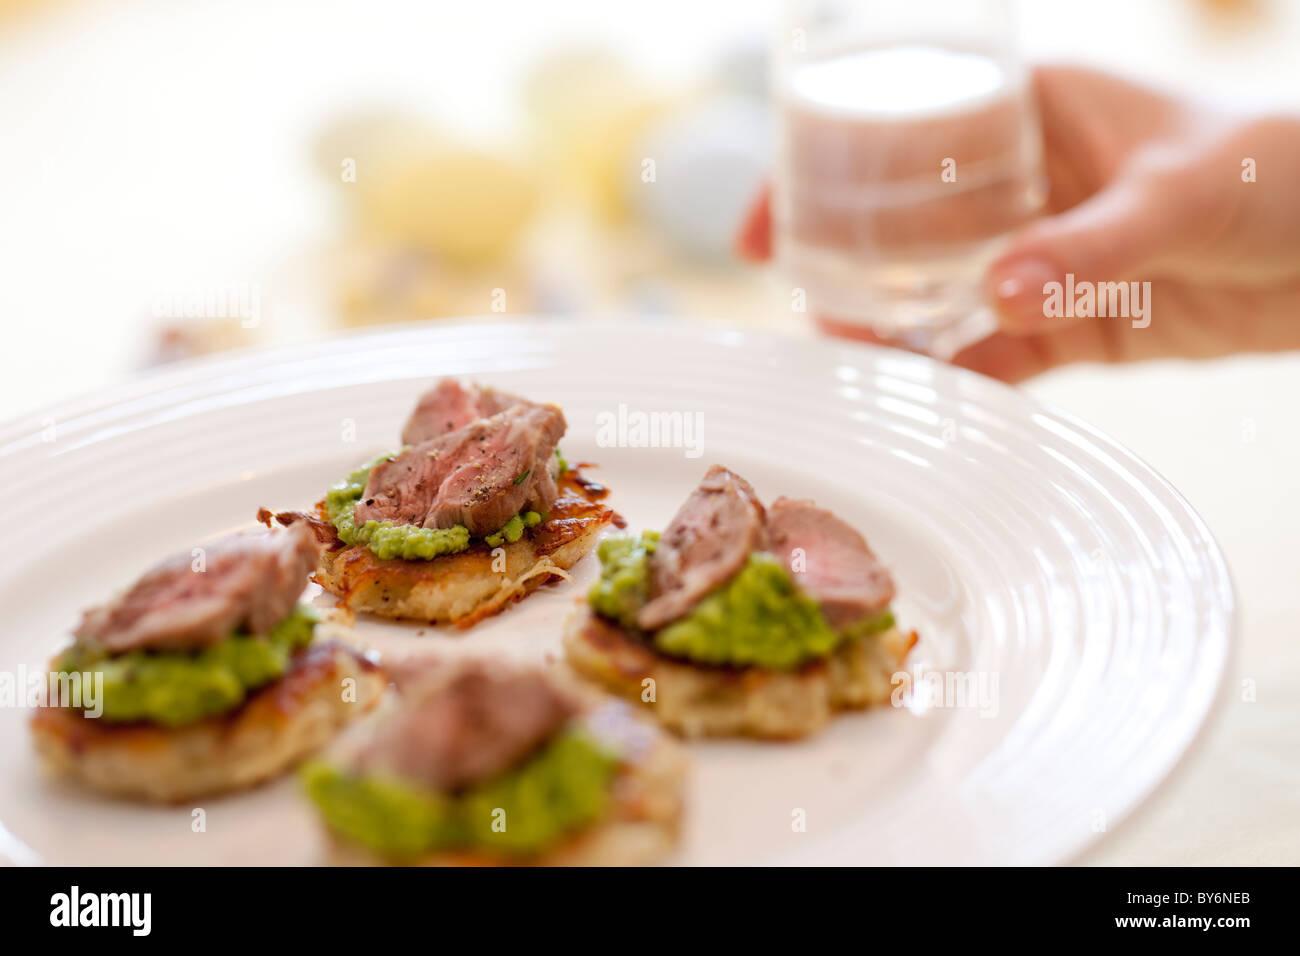 Ein Teller mit Lamm & Erbse Kanapees. Stockbild